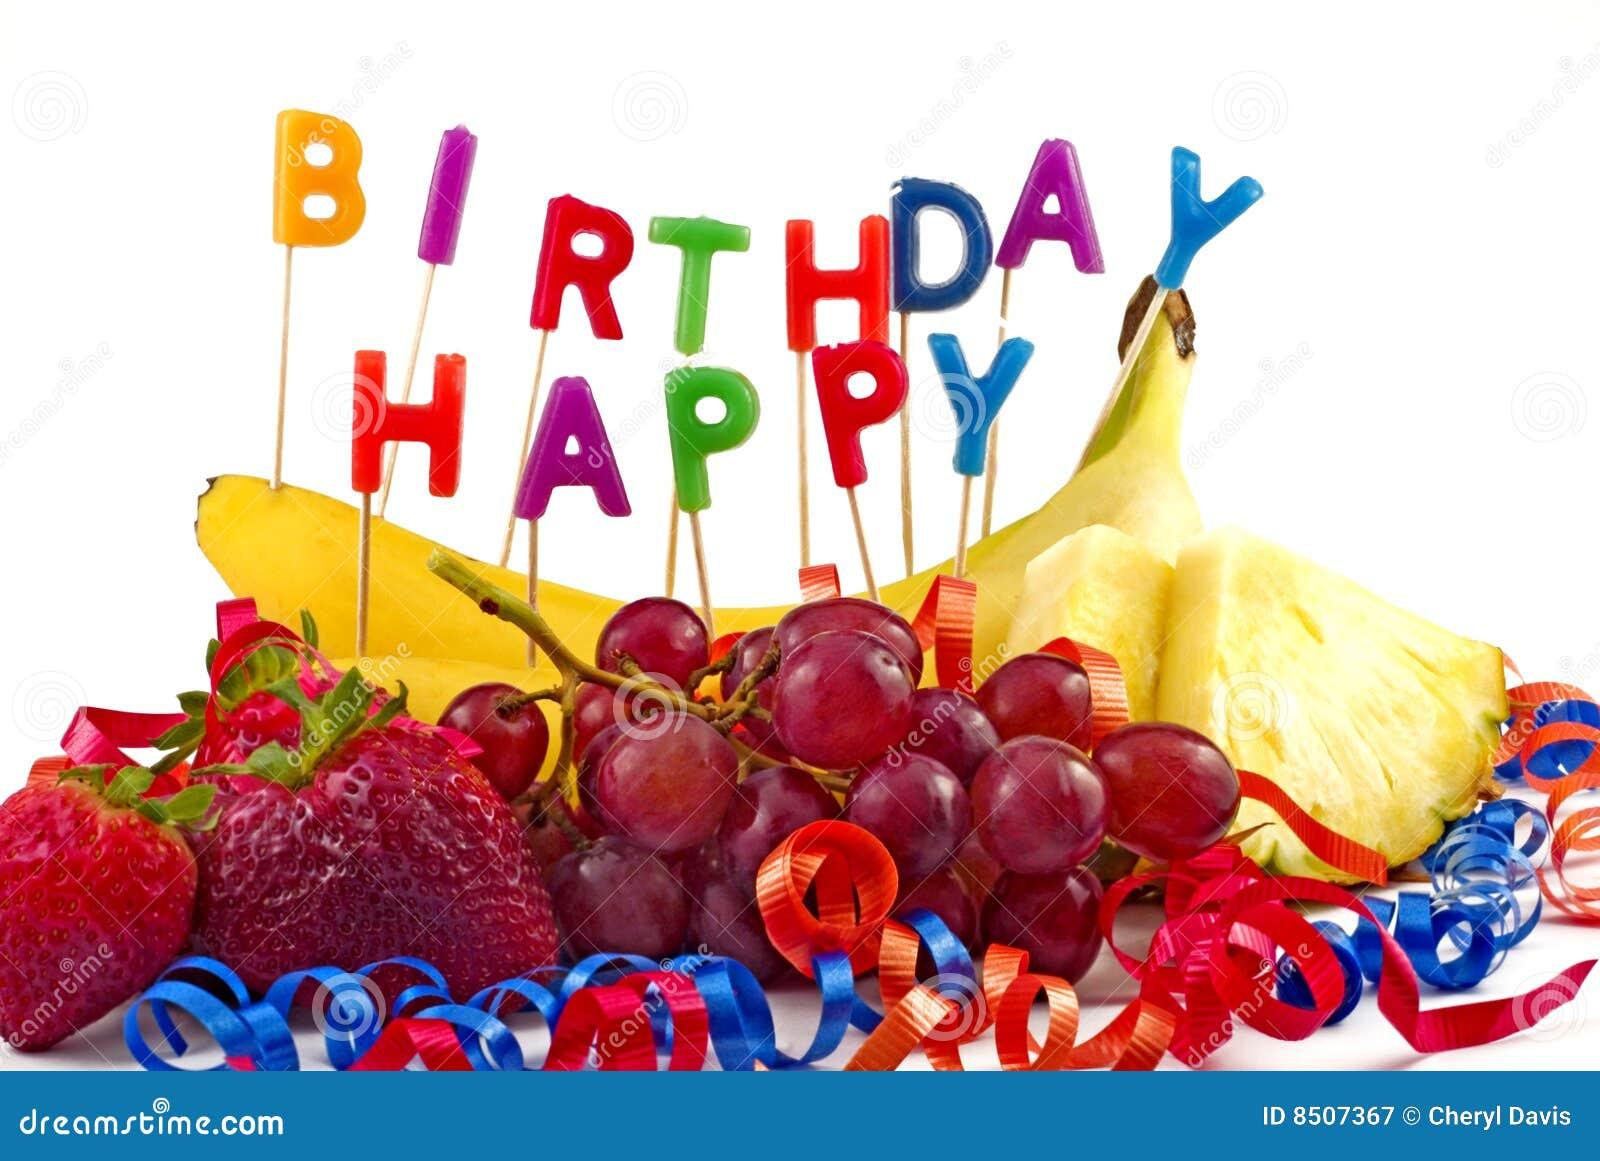 Colorful Fruit Cake